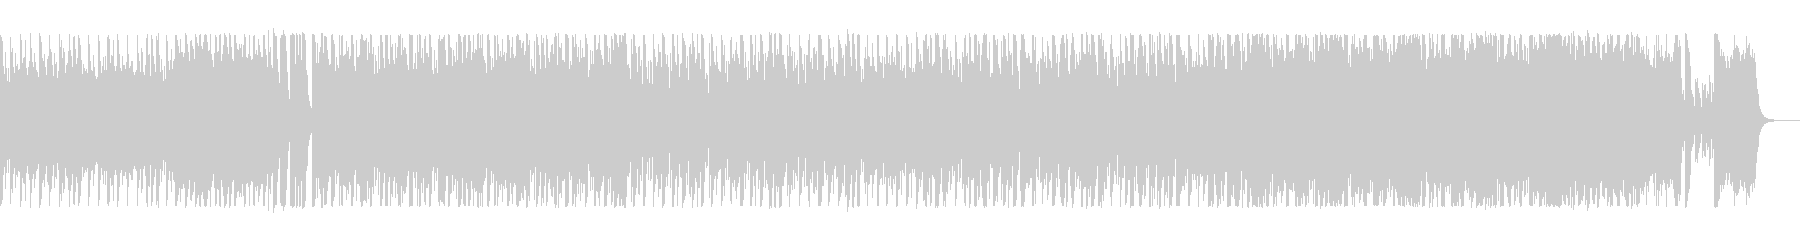 鼓動のようなシンセのリズムが特徴の楽曲の未再生の波形